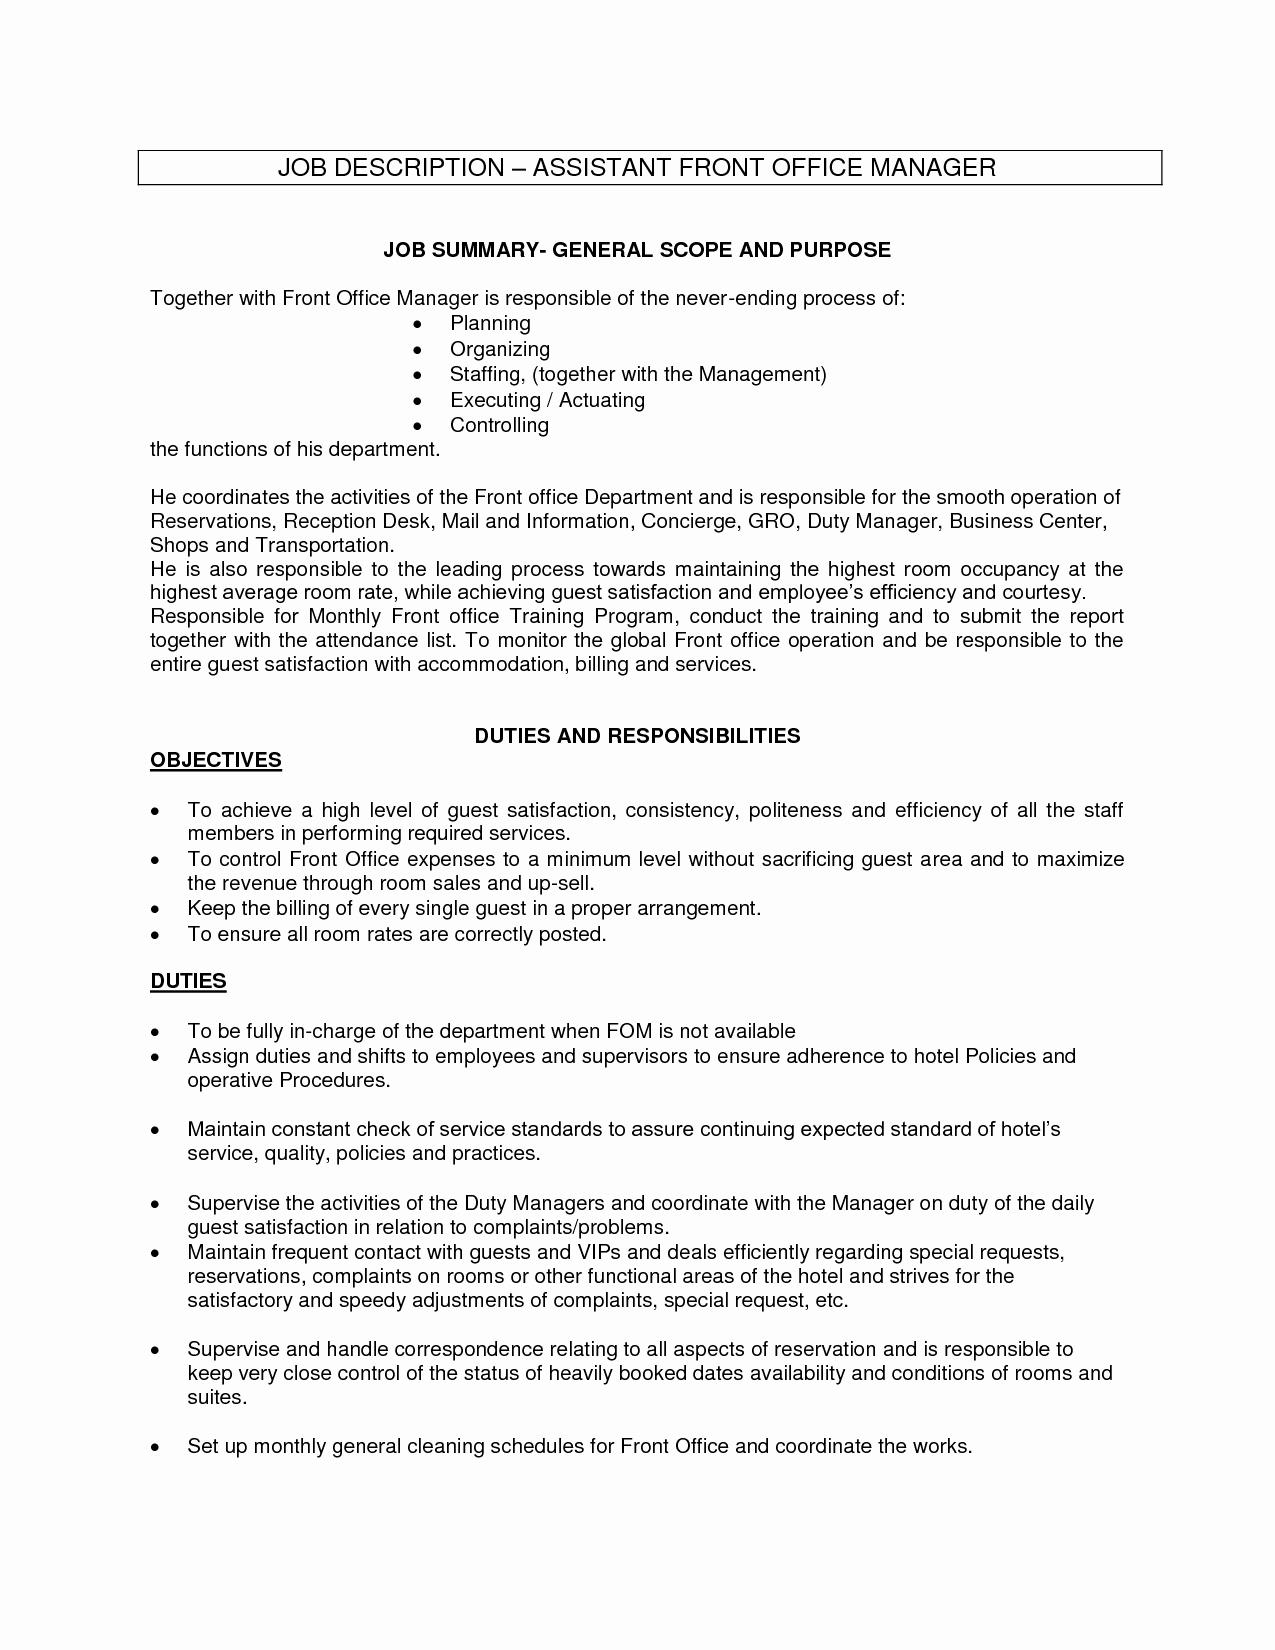 Post Fice Resume Resume Ideas